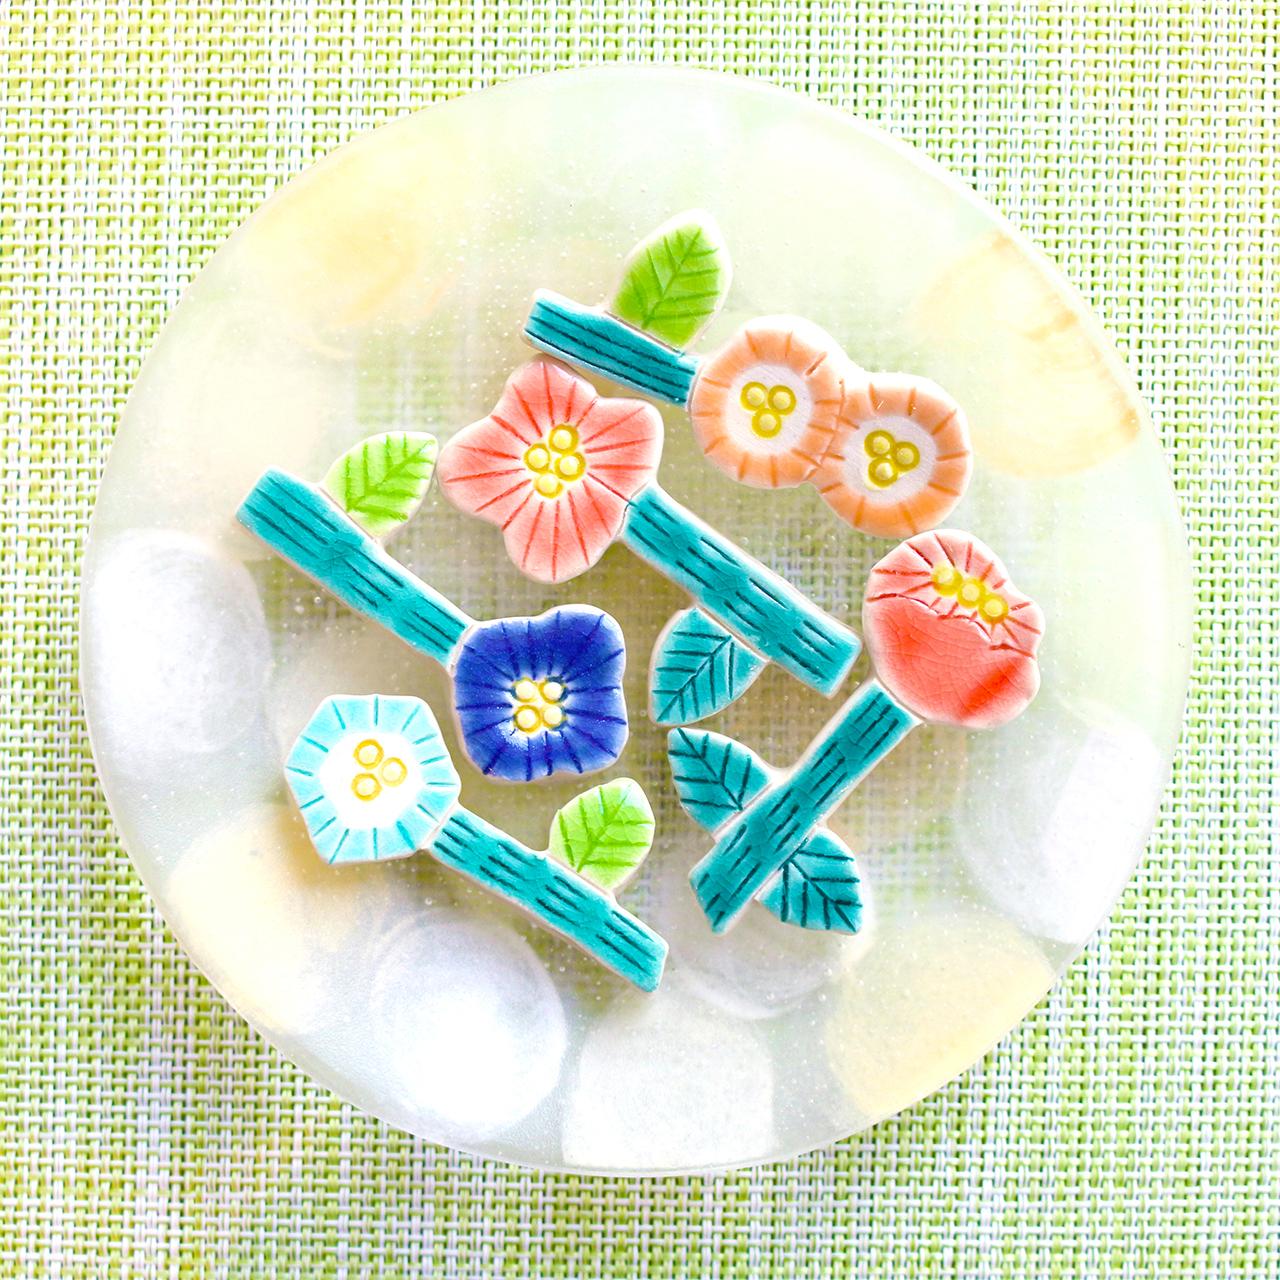 【4月の春特集】お花をモチーフにした可愛い工芸品をご紹介します!